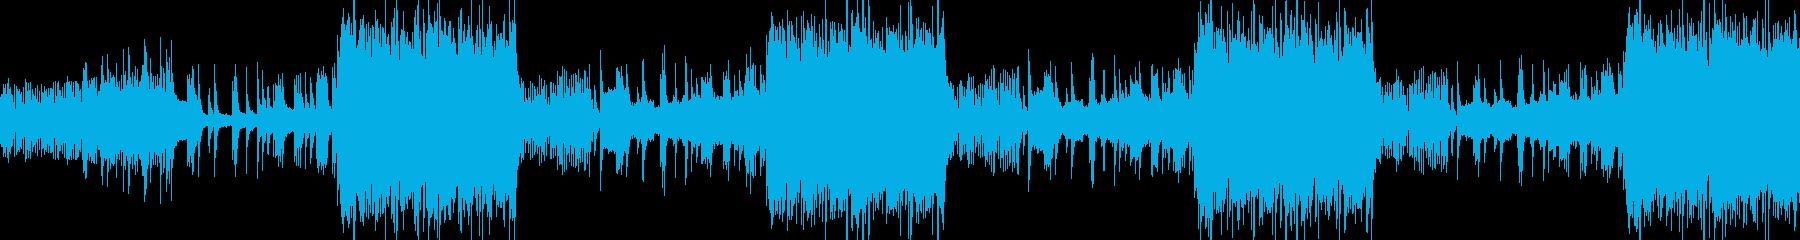 とても神秘的な氷をイメージした曲の再生済みの波形